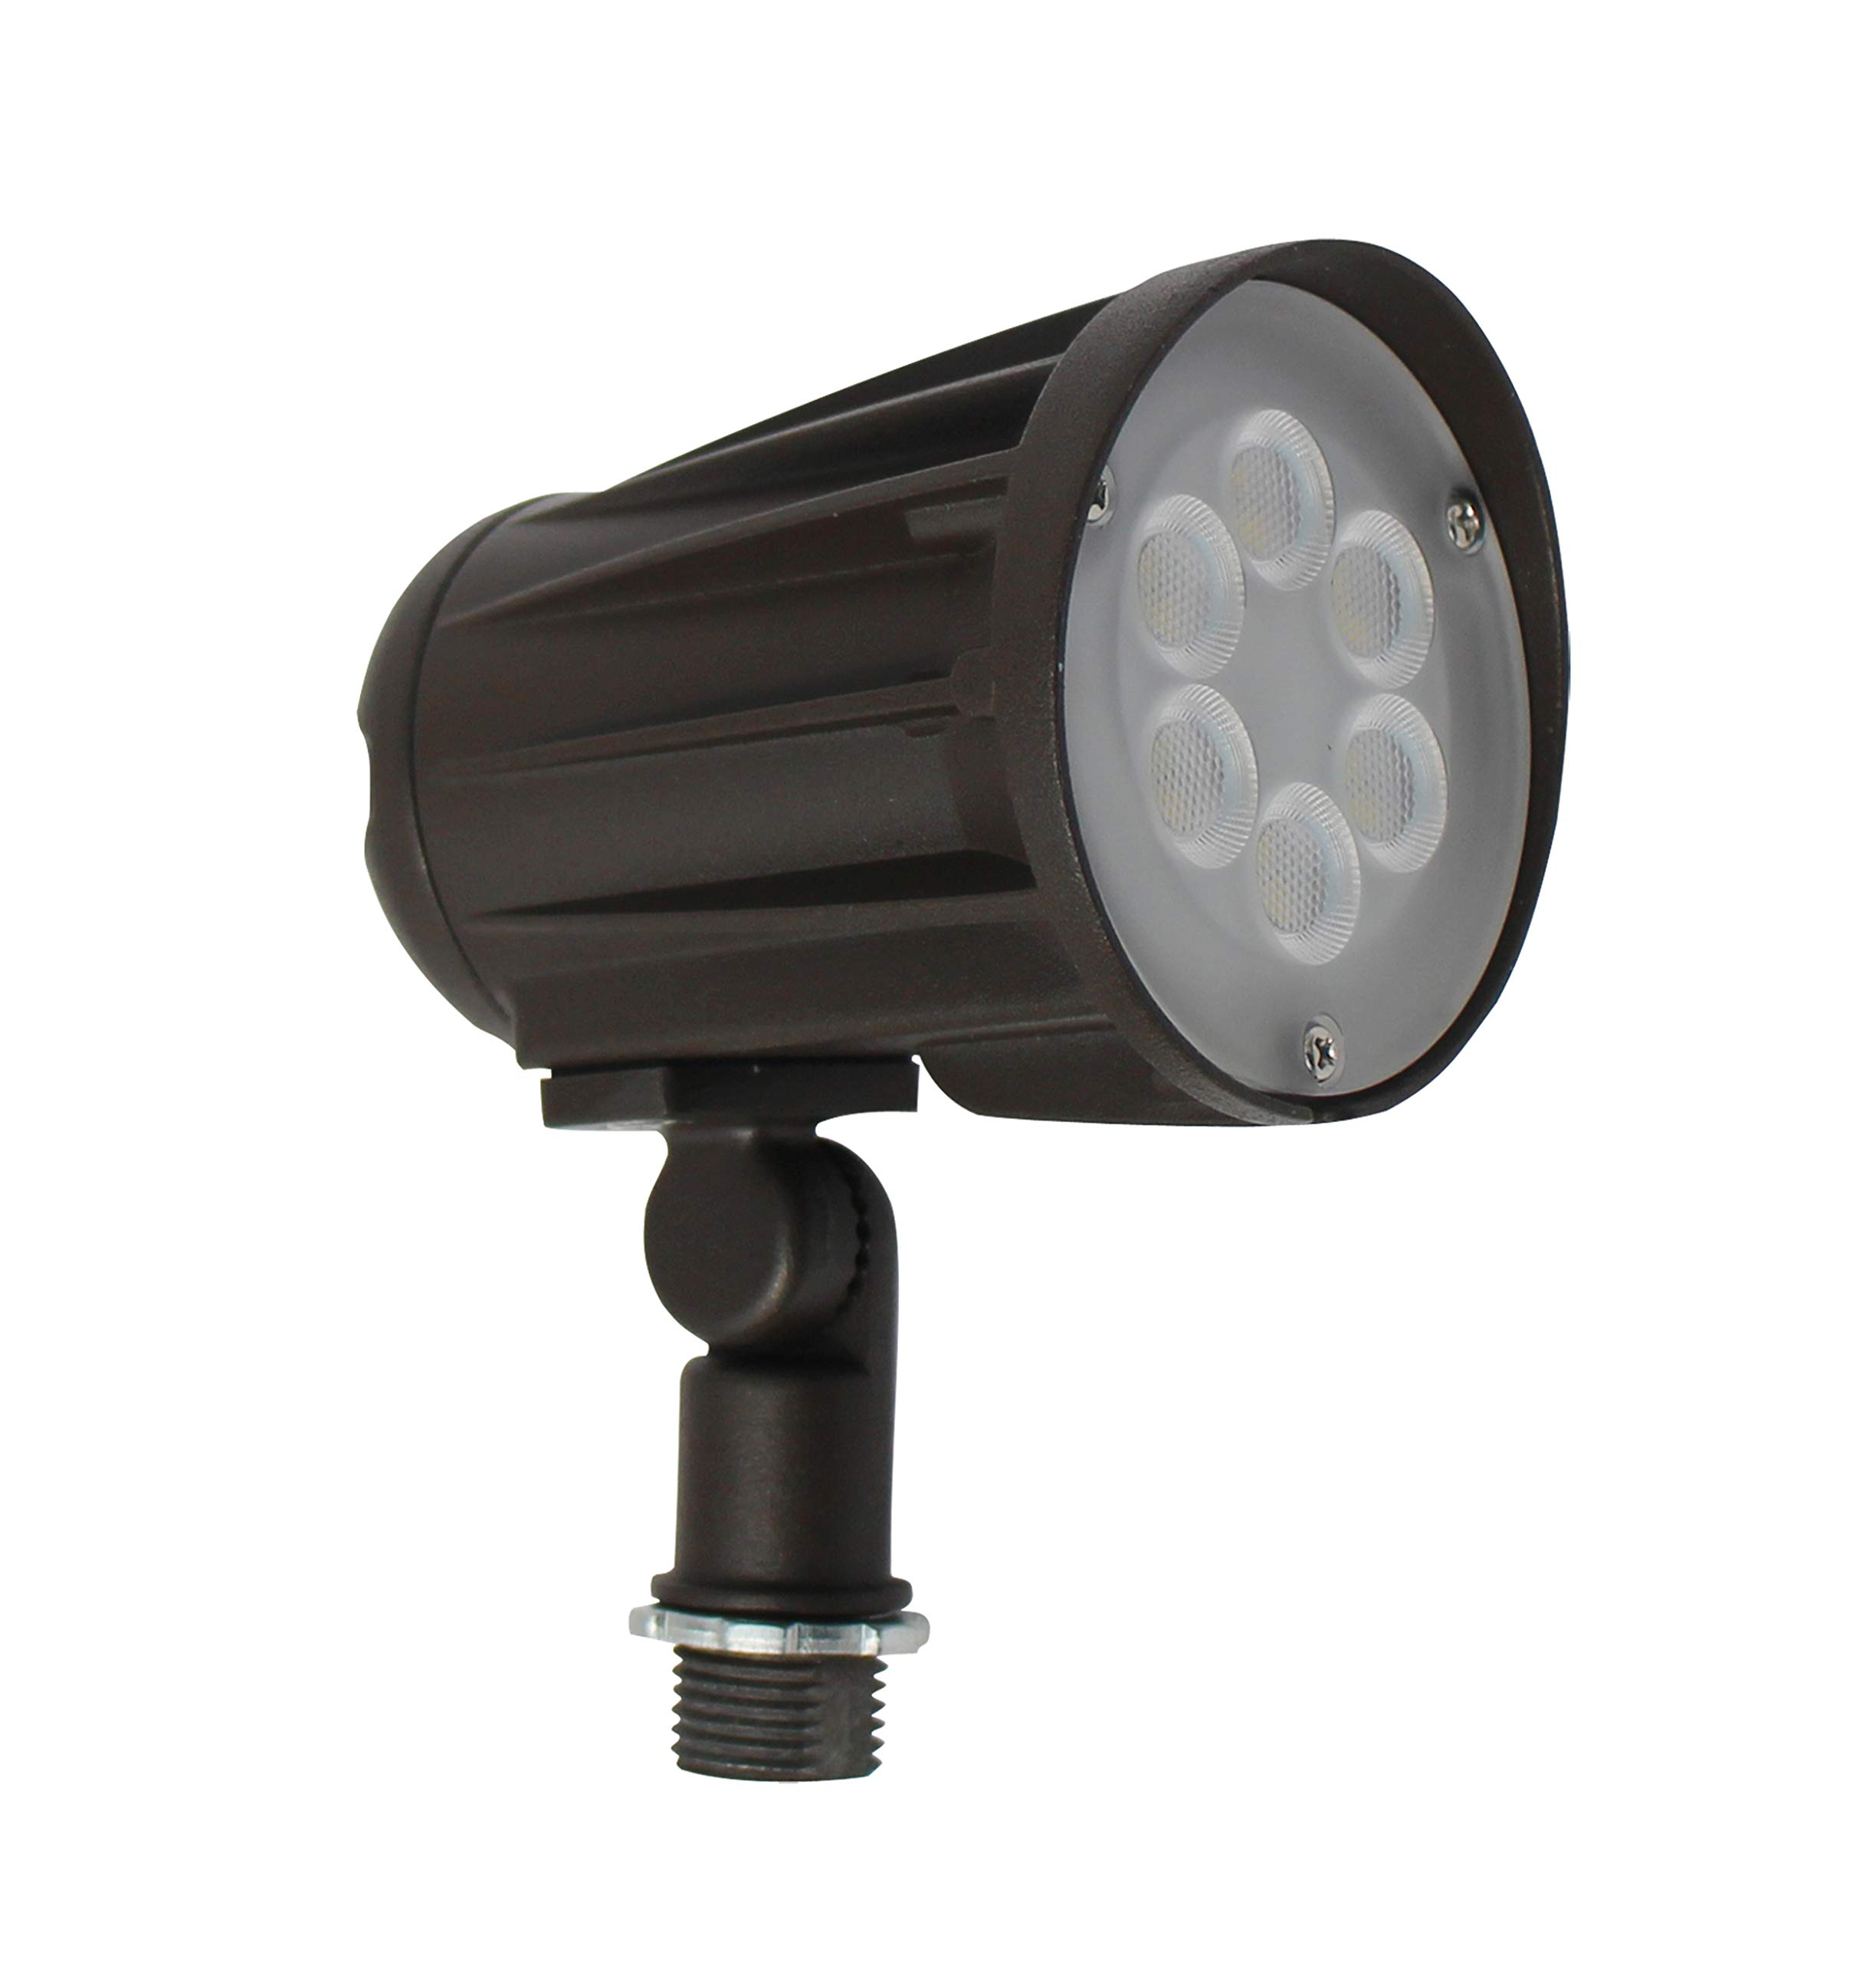 LEDrock DLC-Listed LED 15 Watt Exterior Landscape Light, 4000K Neutral White, 120V-277V, Comparable to 75-100W MH-HPS, 1700 Lumens, Threaded Box Mount, UL-Listed, Warranty Based in Denver, CO, USA